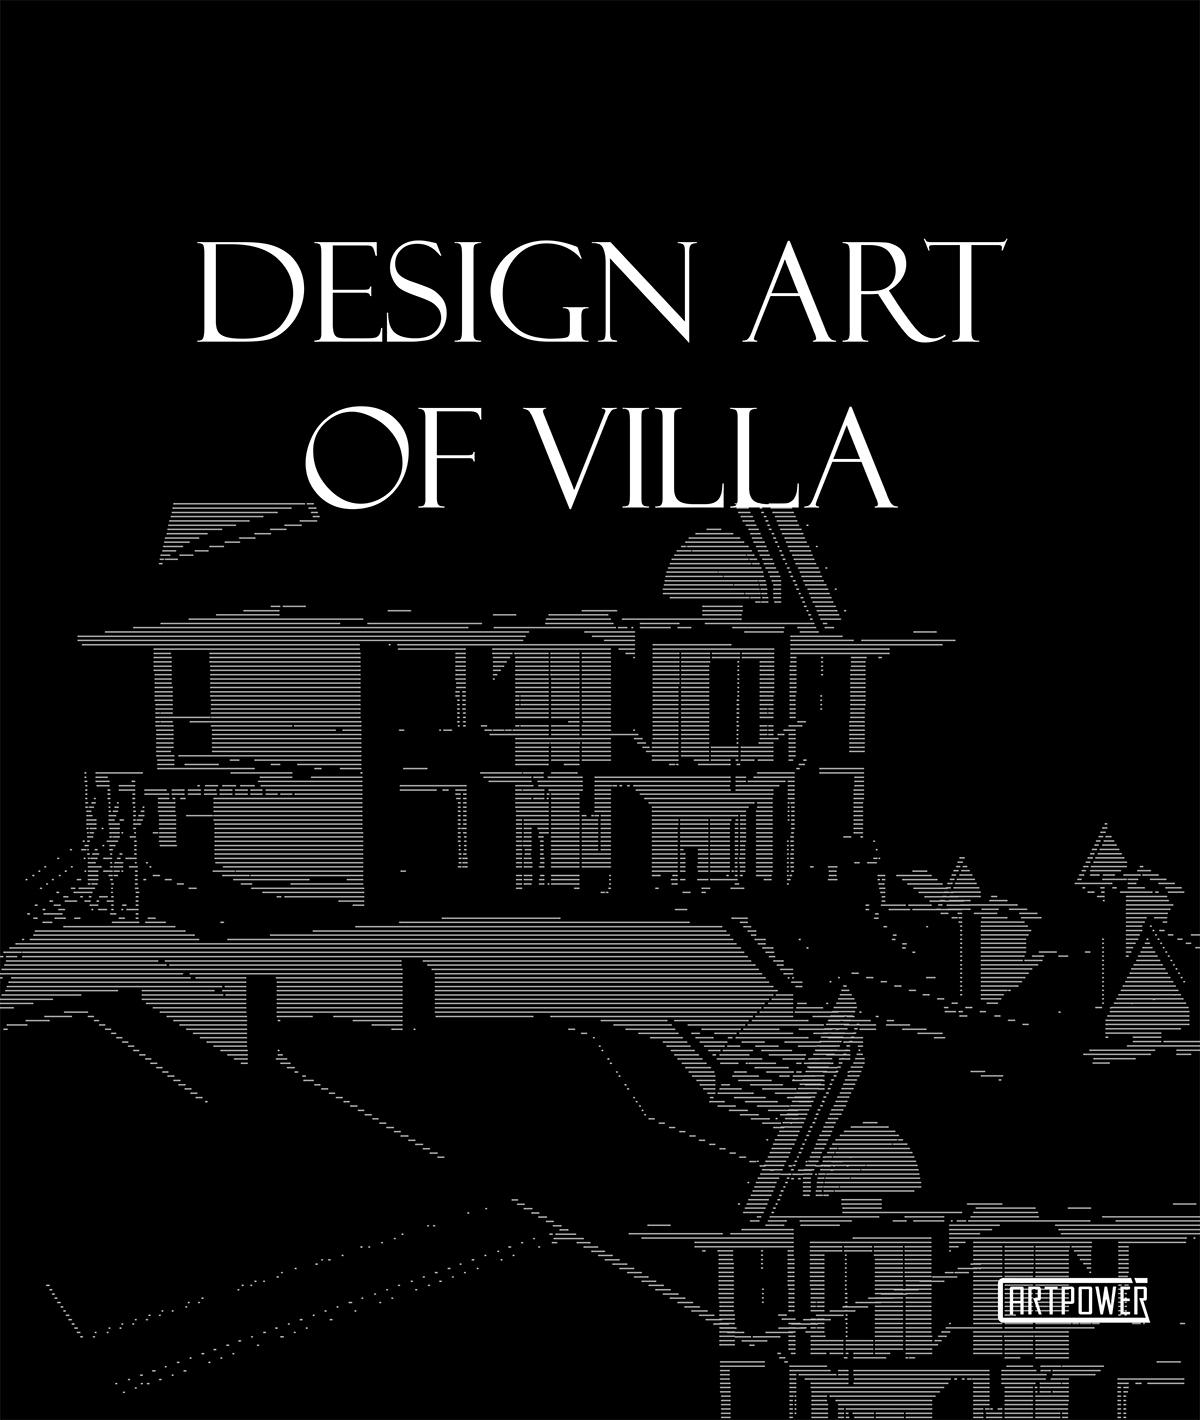 别墅01_designofartvilla_cover.jpg